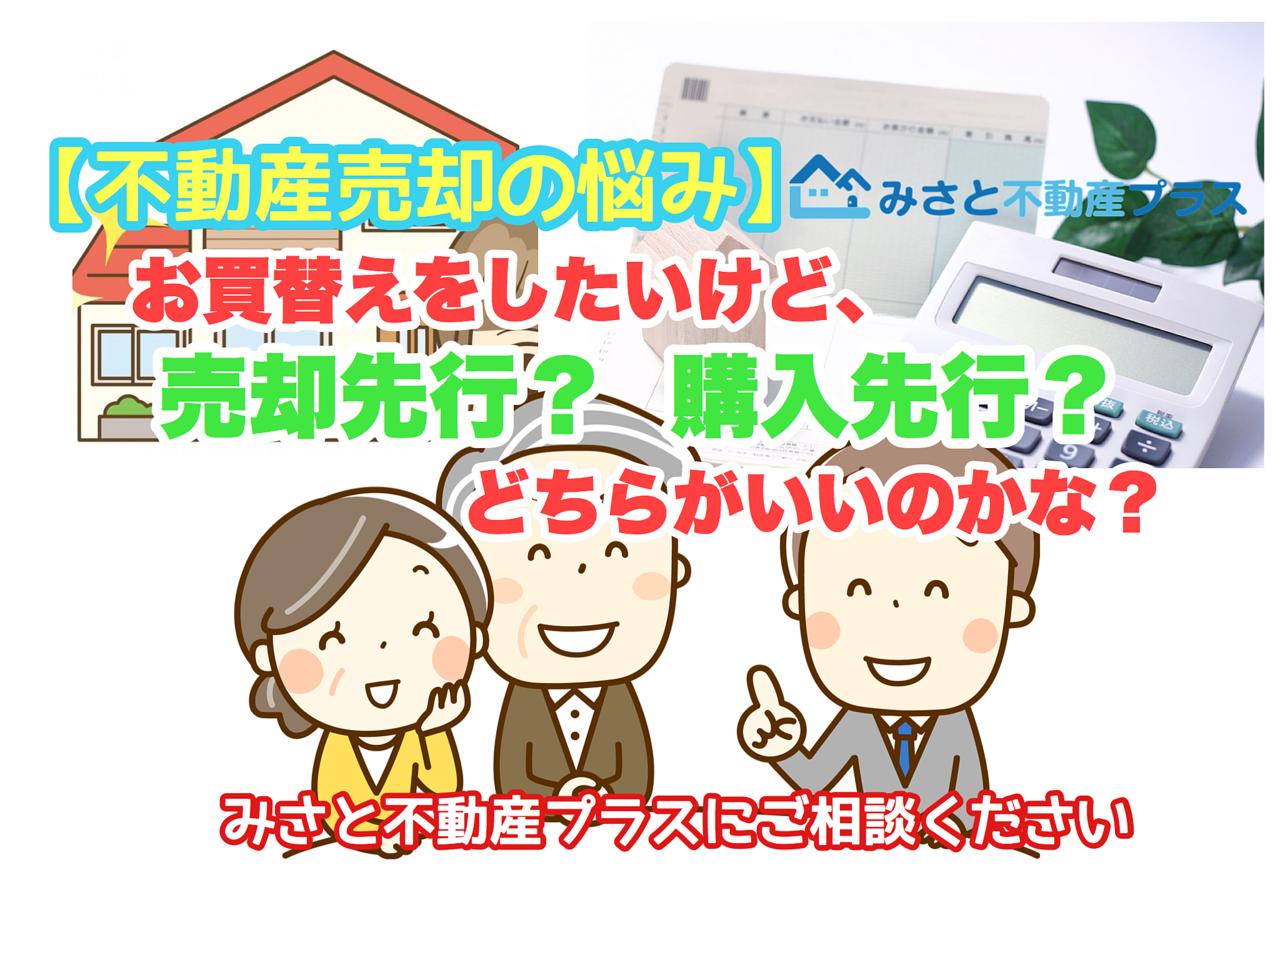 【不動産売却の基礎知識~お買替えはタイミング~】お買替えをしたいけど、売却先行?購入先行?どちらがいいのかな?